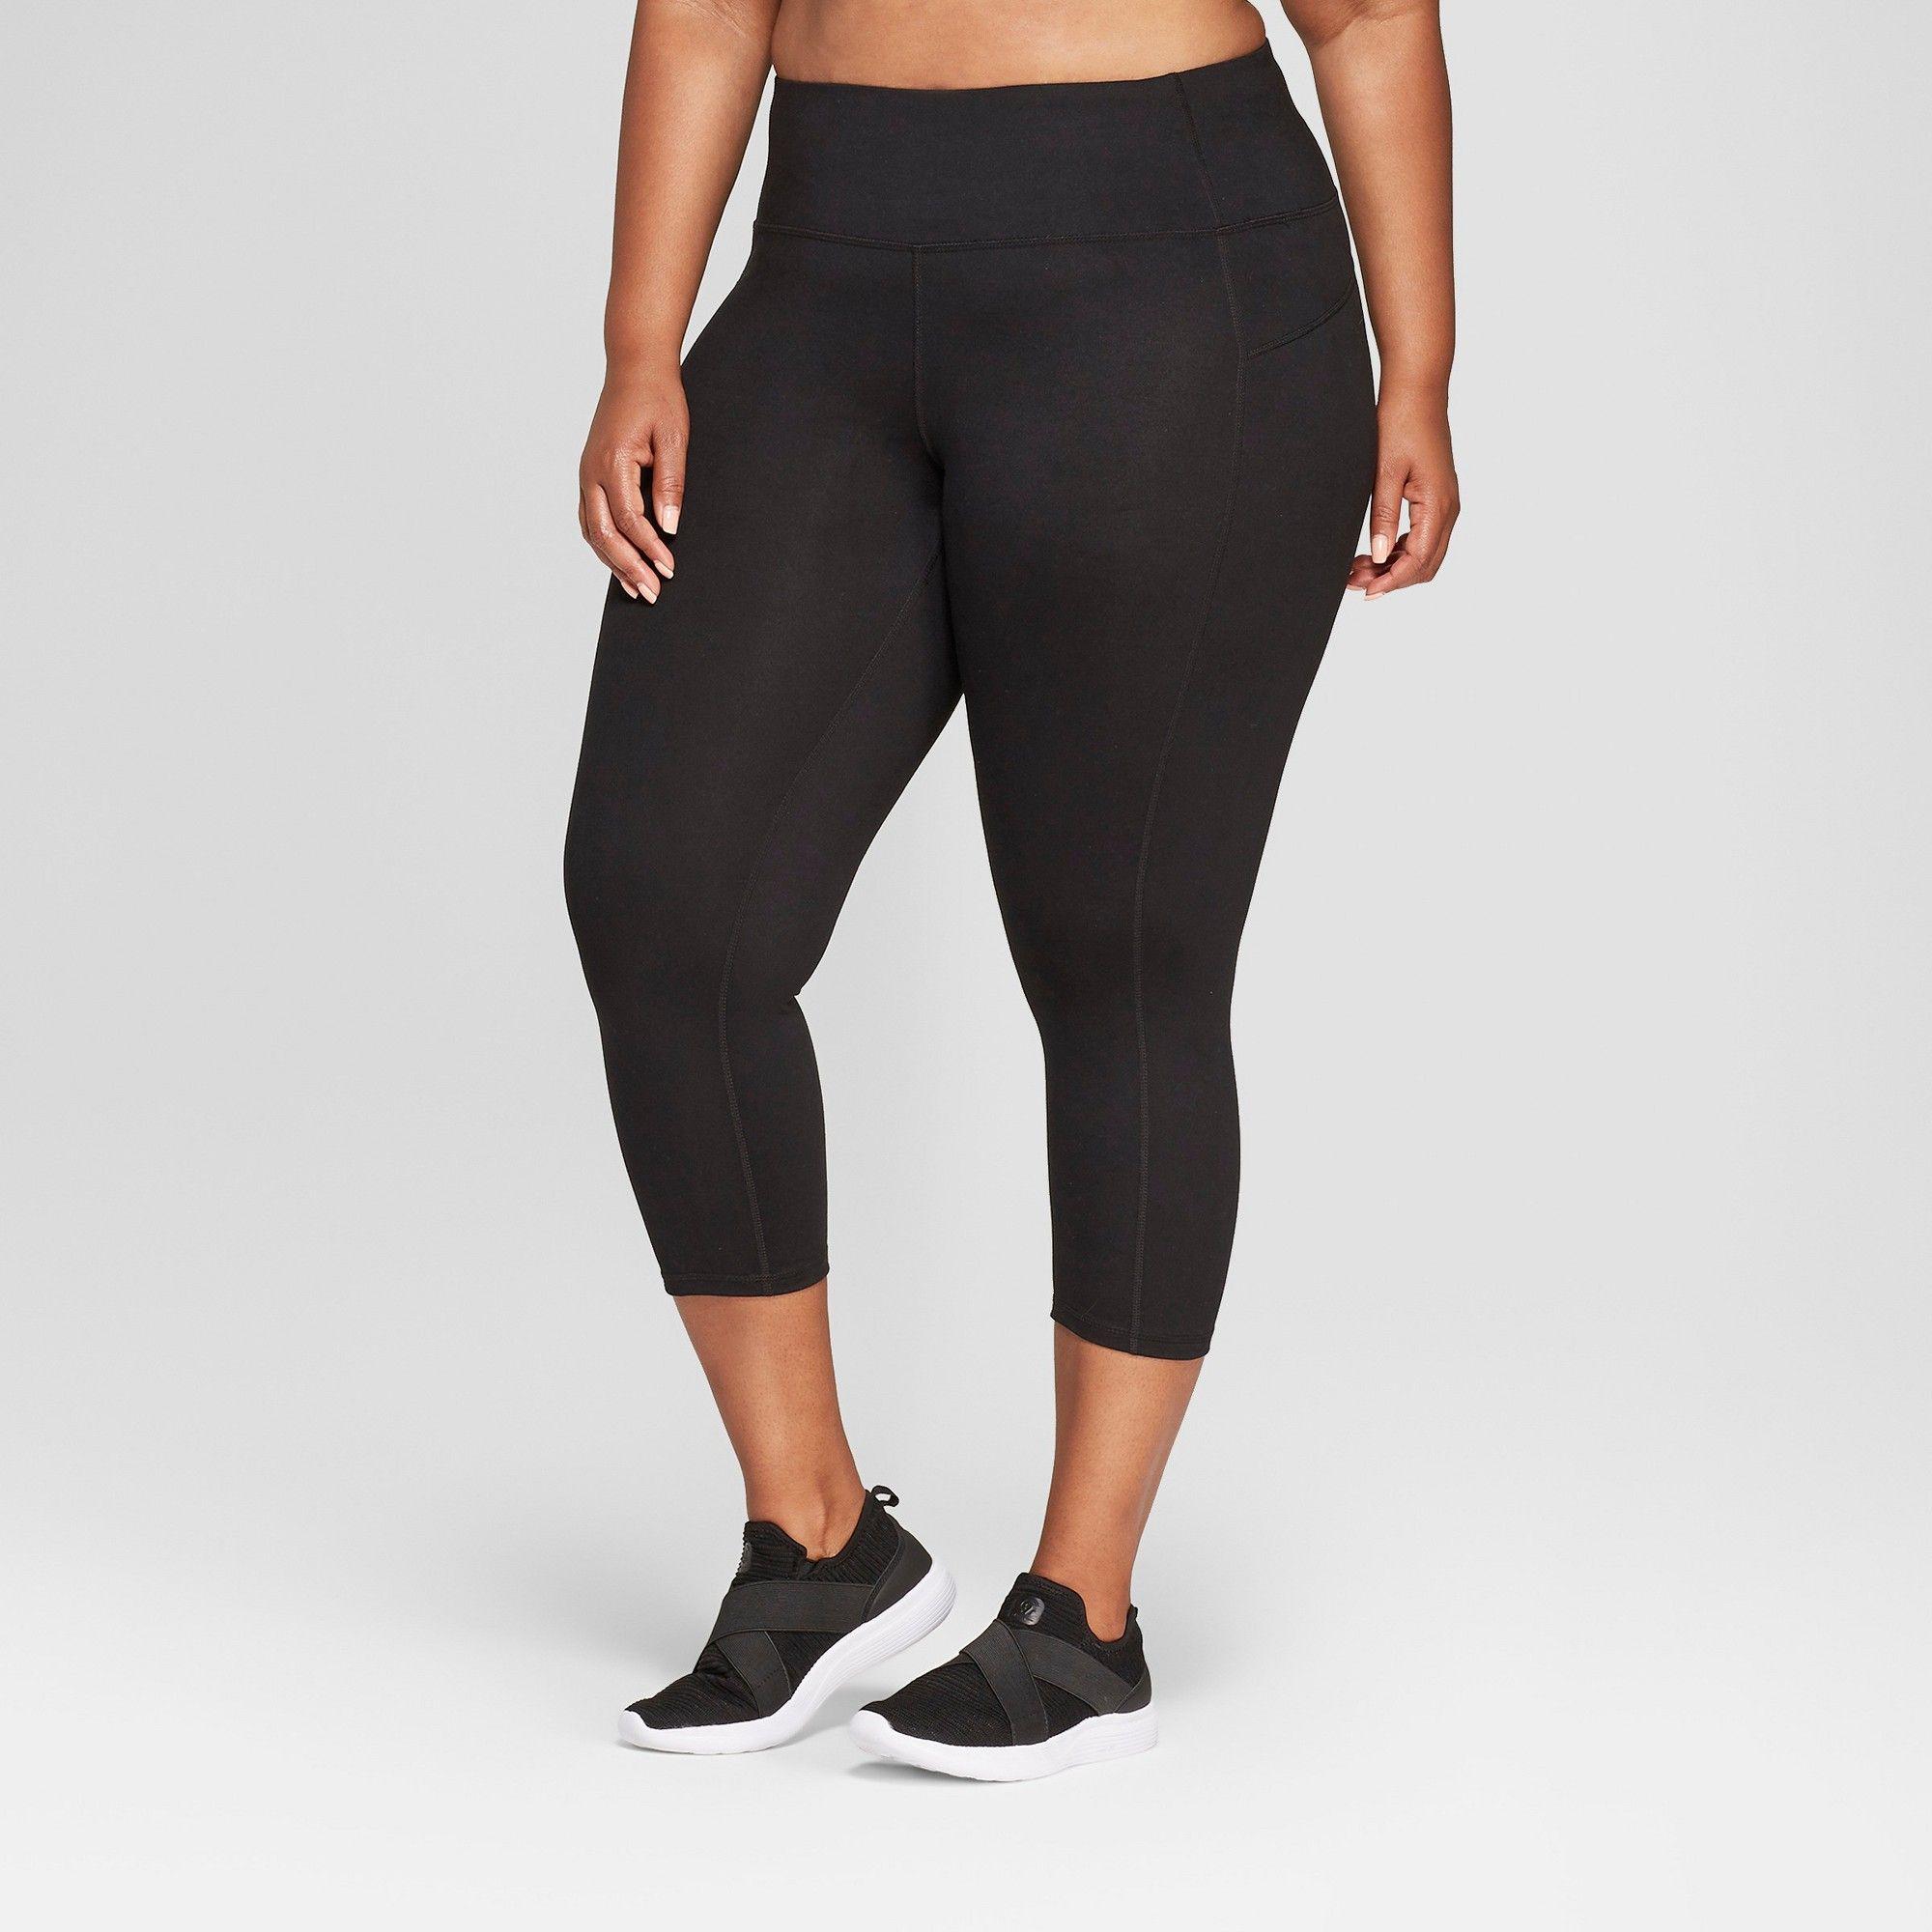 0e82d27ed492 Women s Plus-Size Freedom Capri Leggings - C9 Champion Black 2X ...